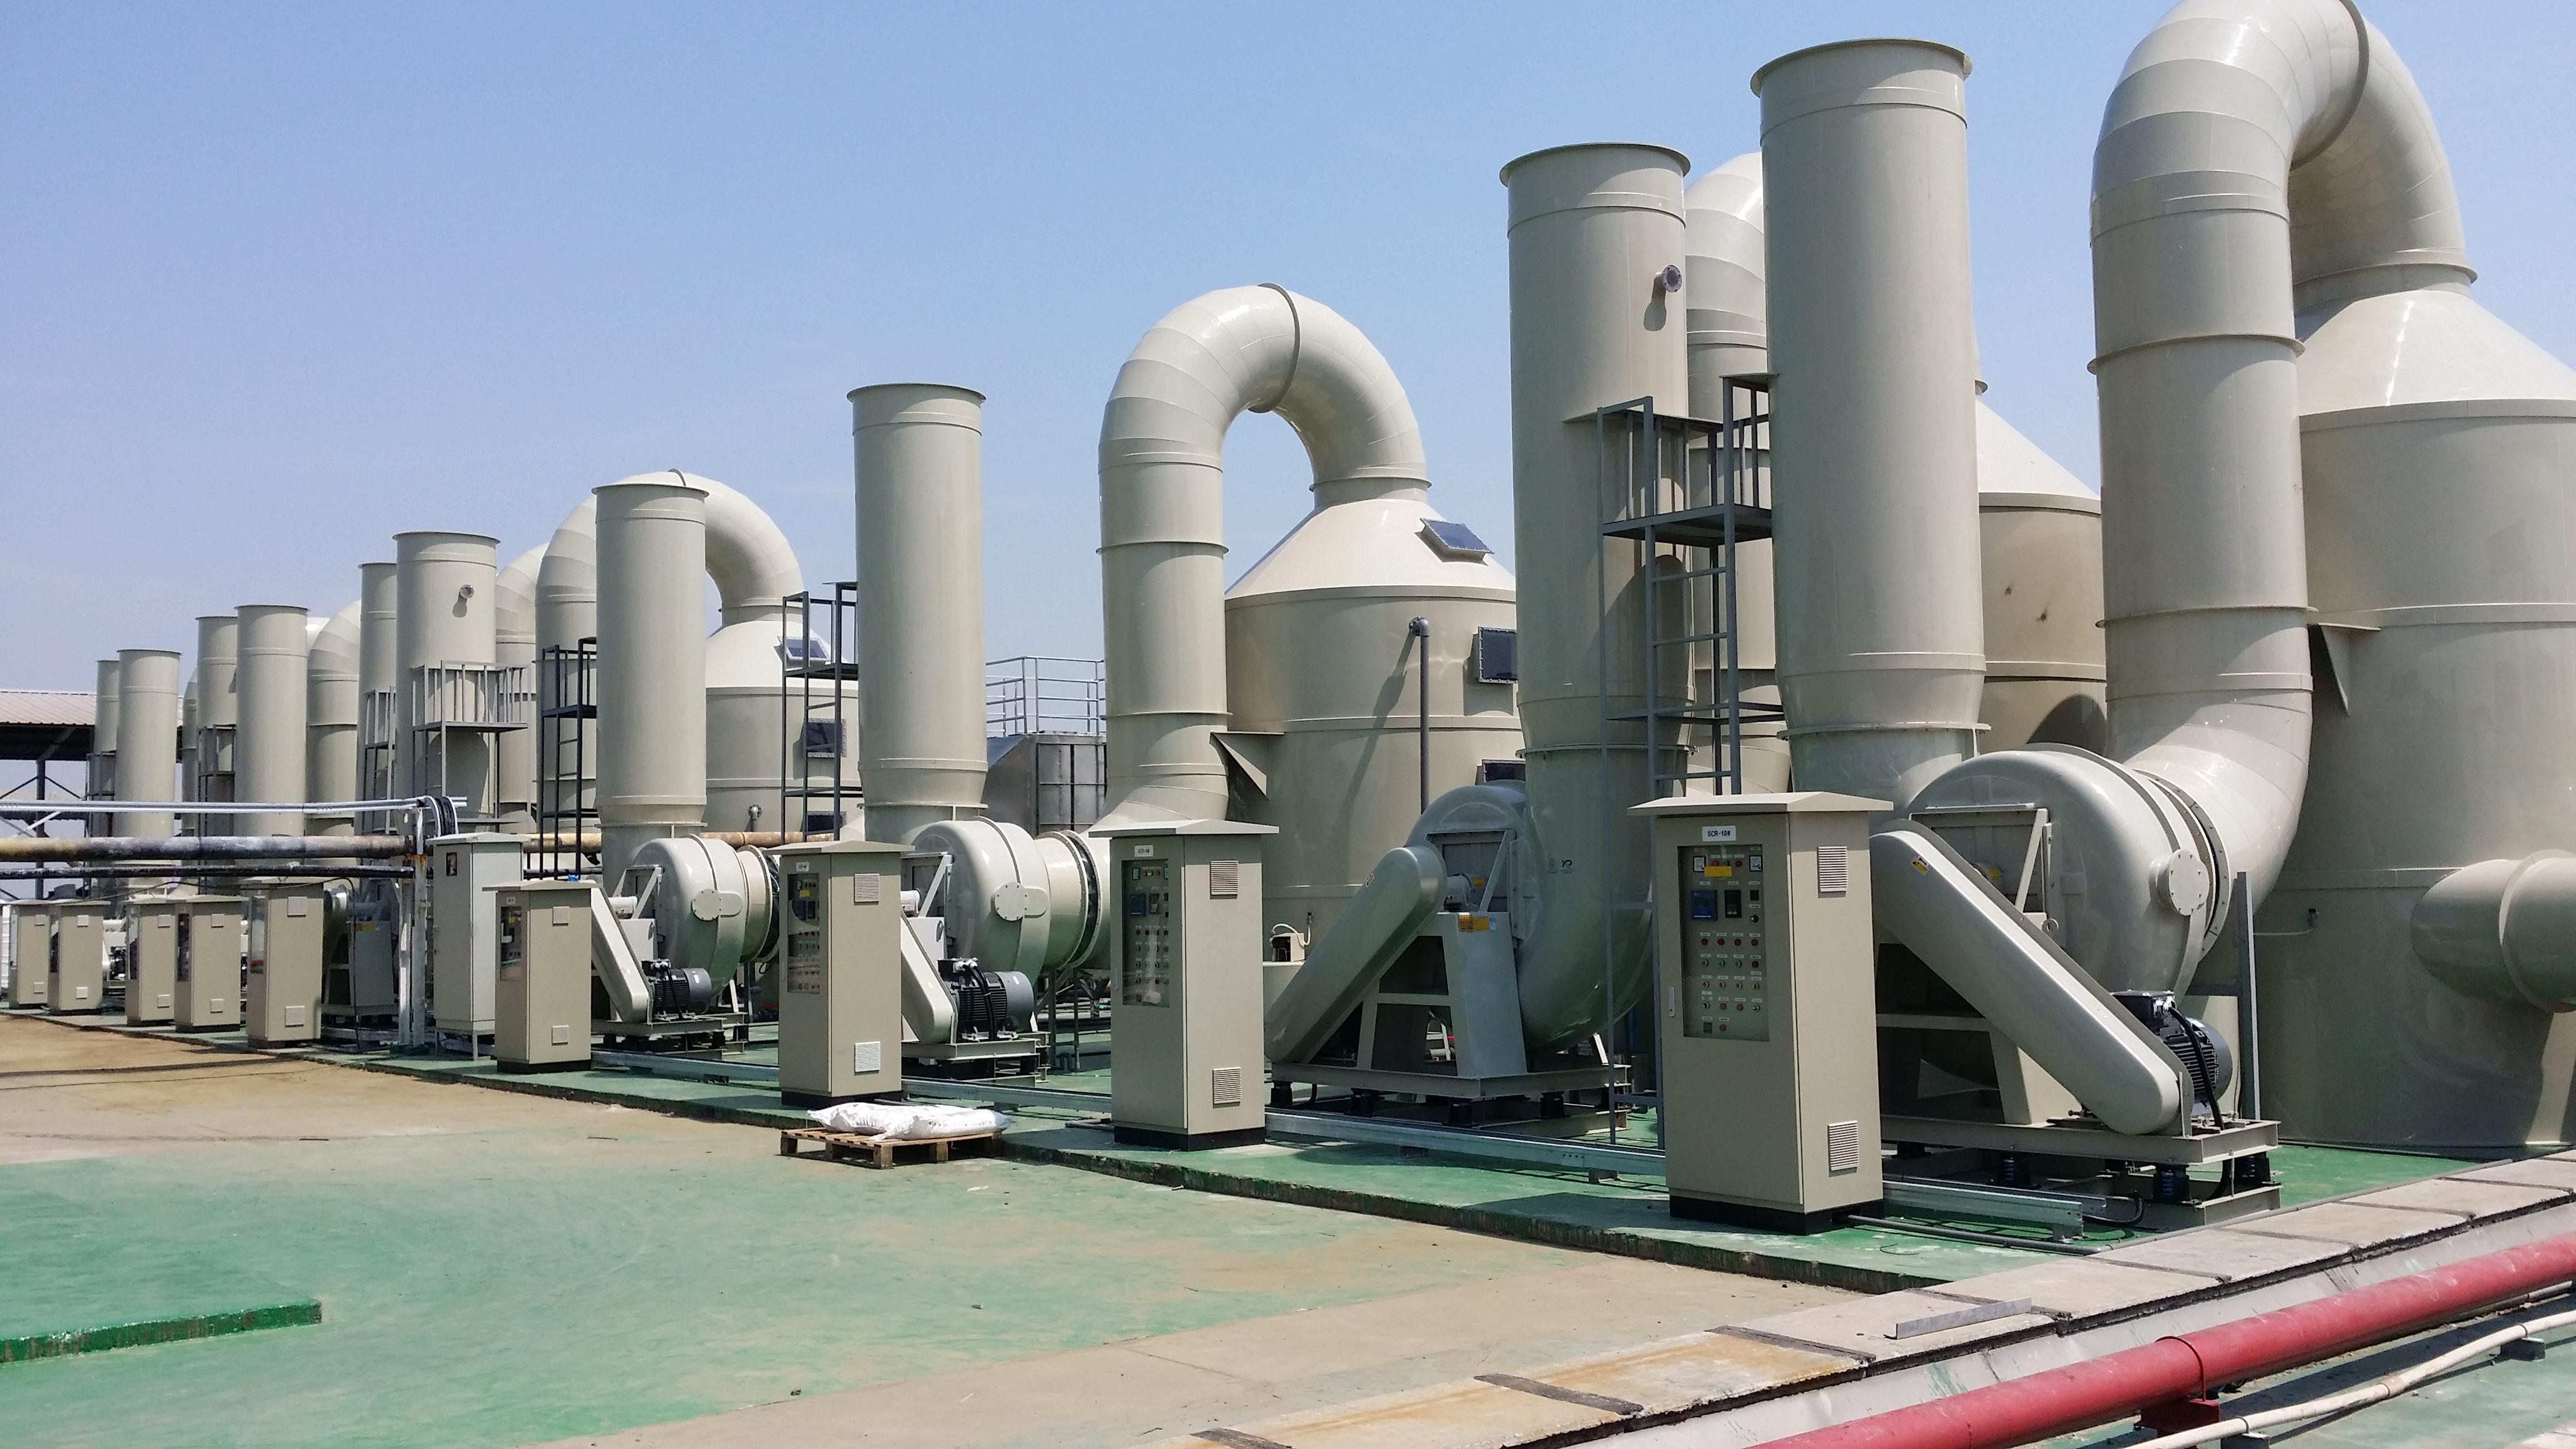 环境设备的研发、运营与管理